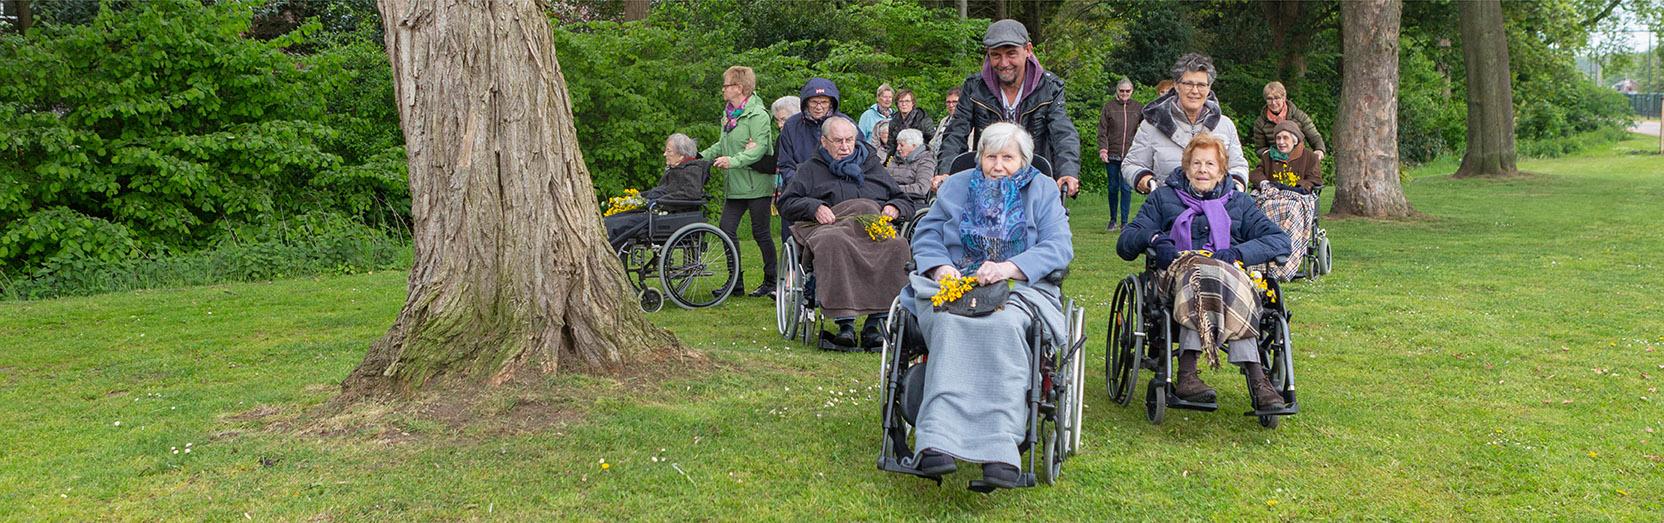 bewoners wandelen door natuur met vrijwilligers